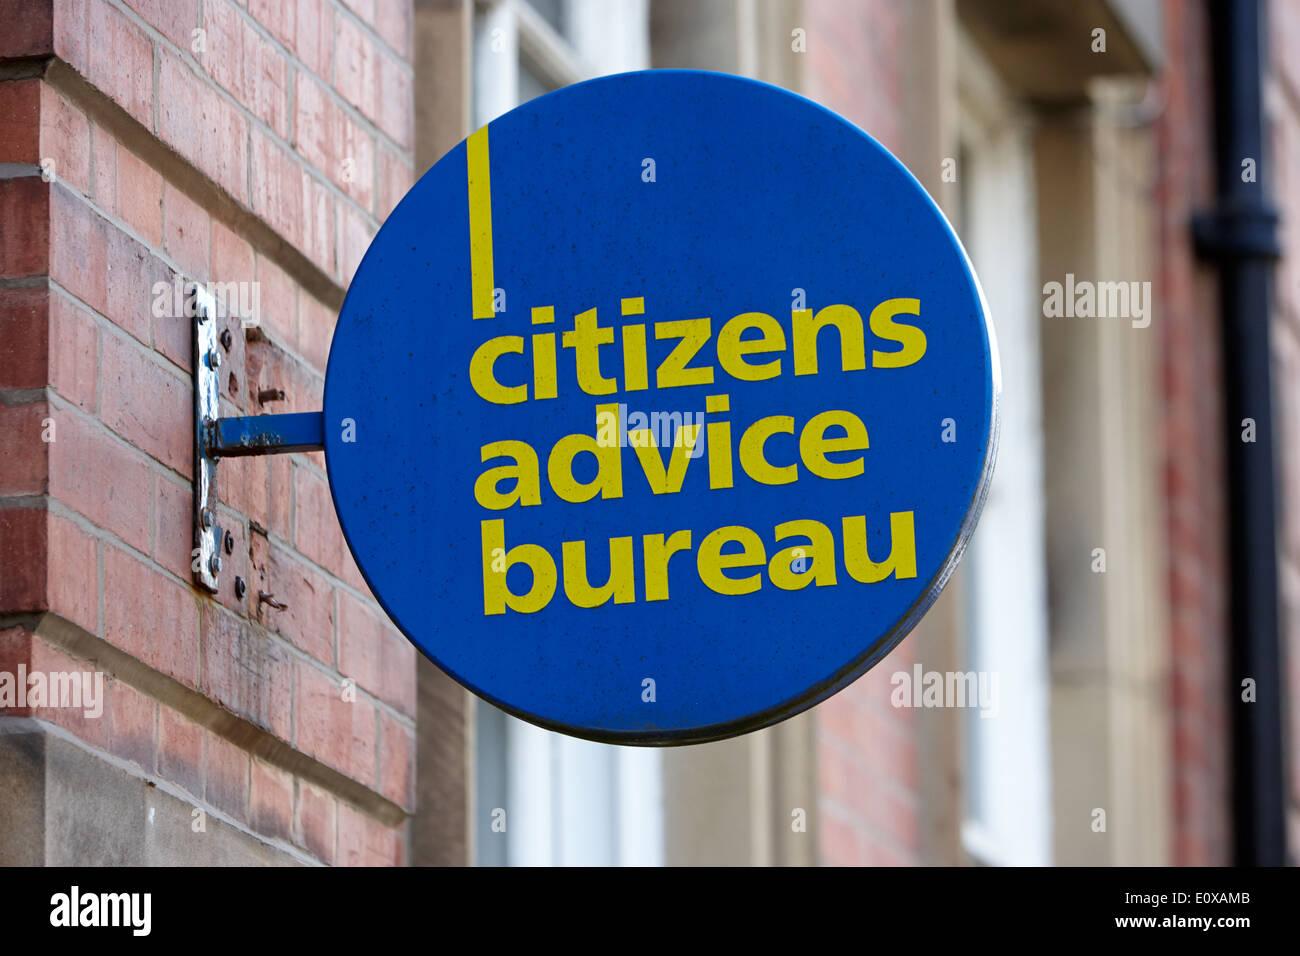 Citizens advice bureau uk stock photos & citizens advice bureau uk